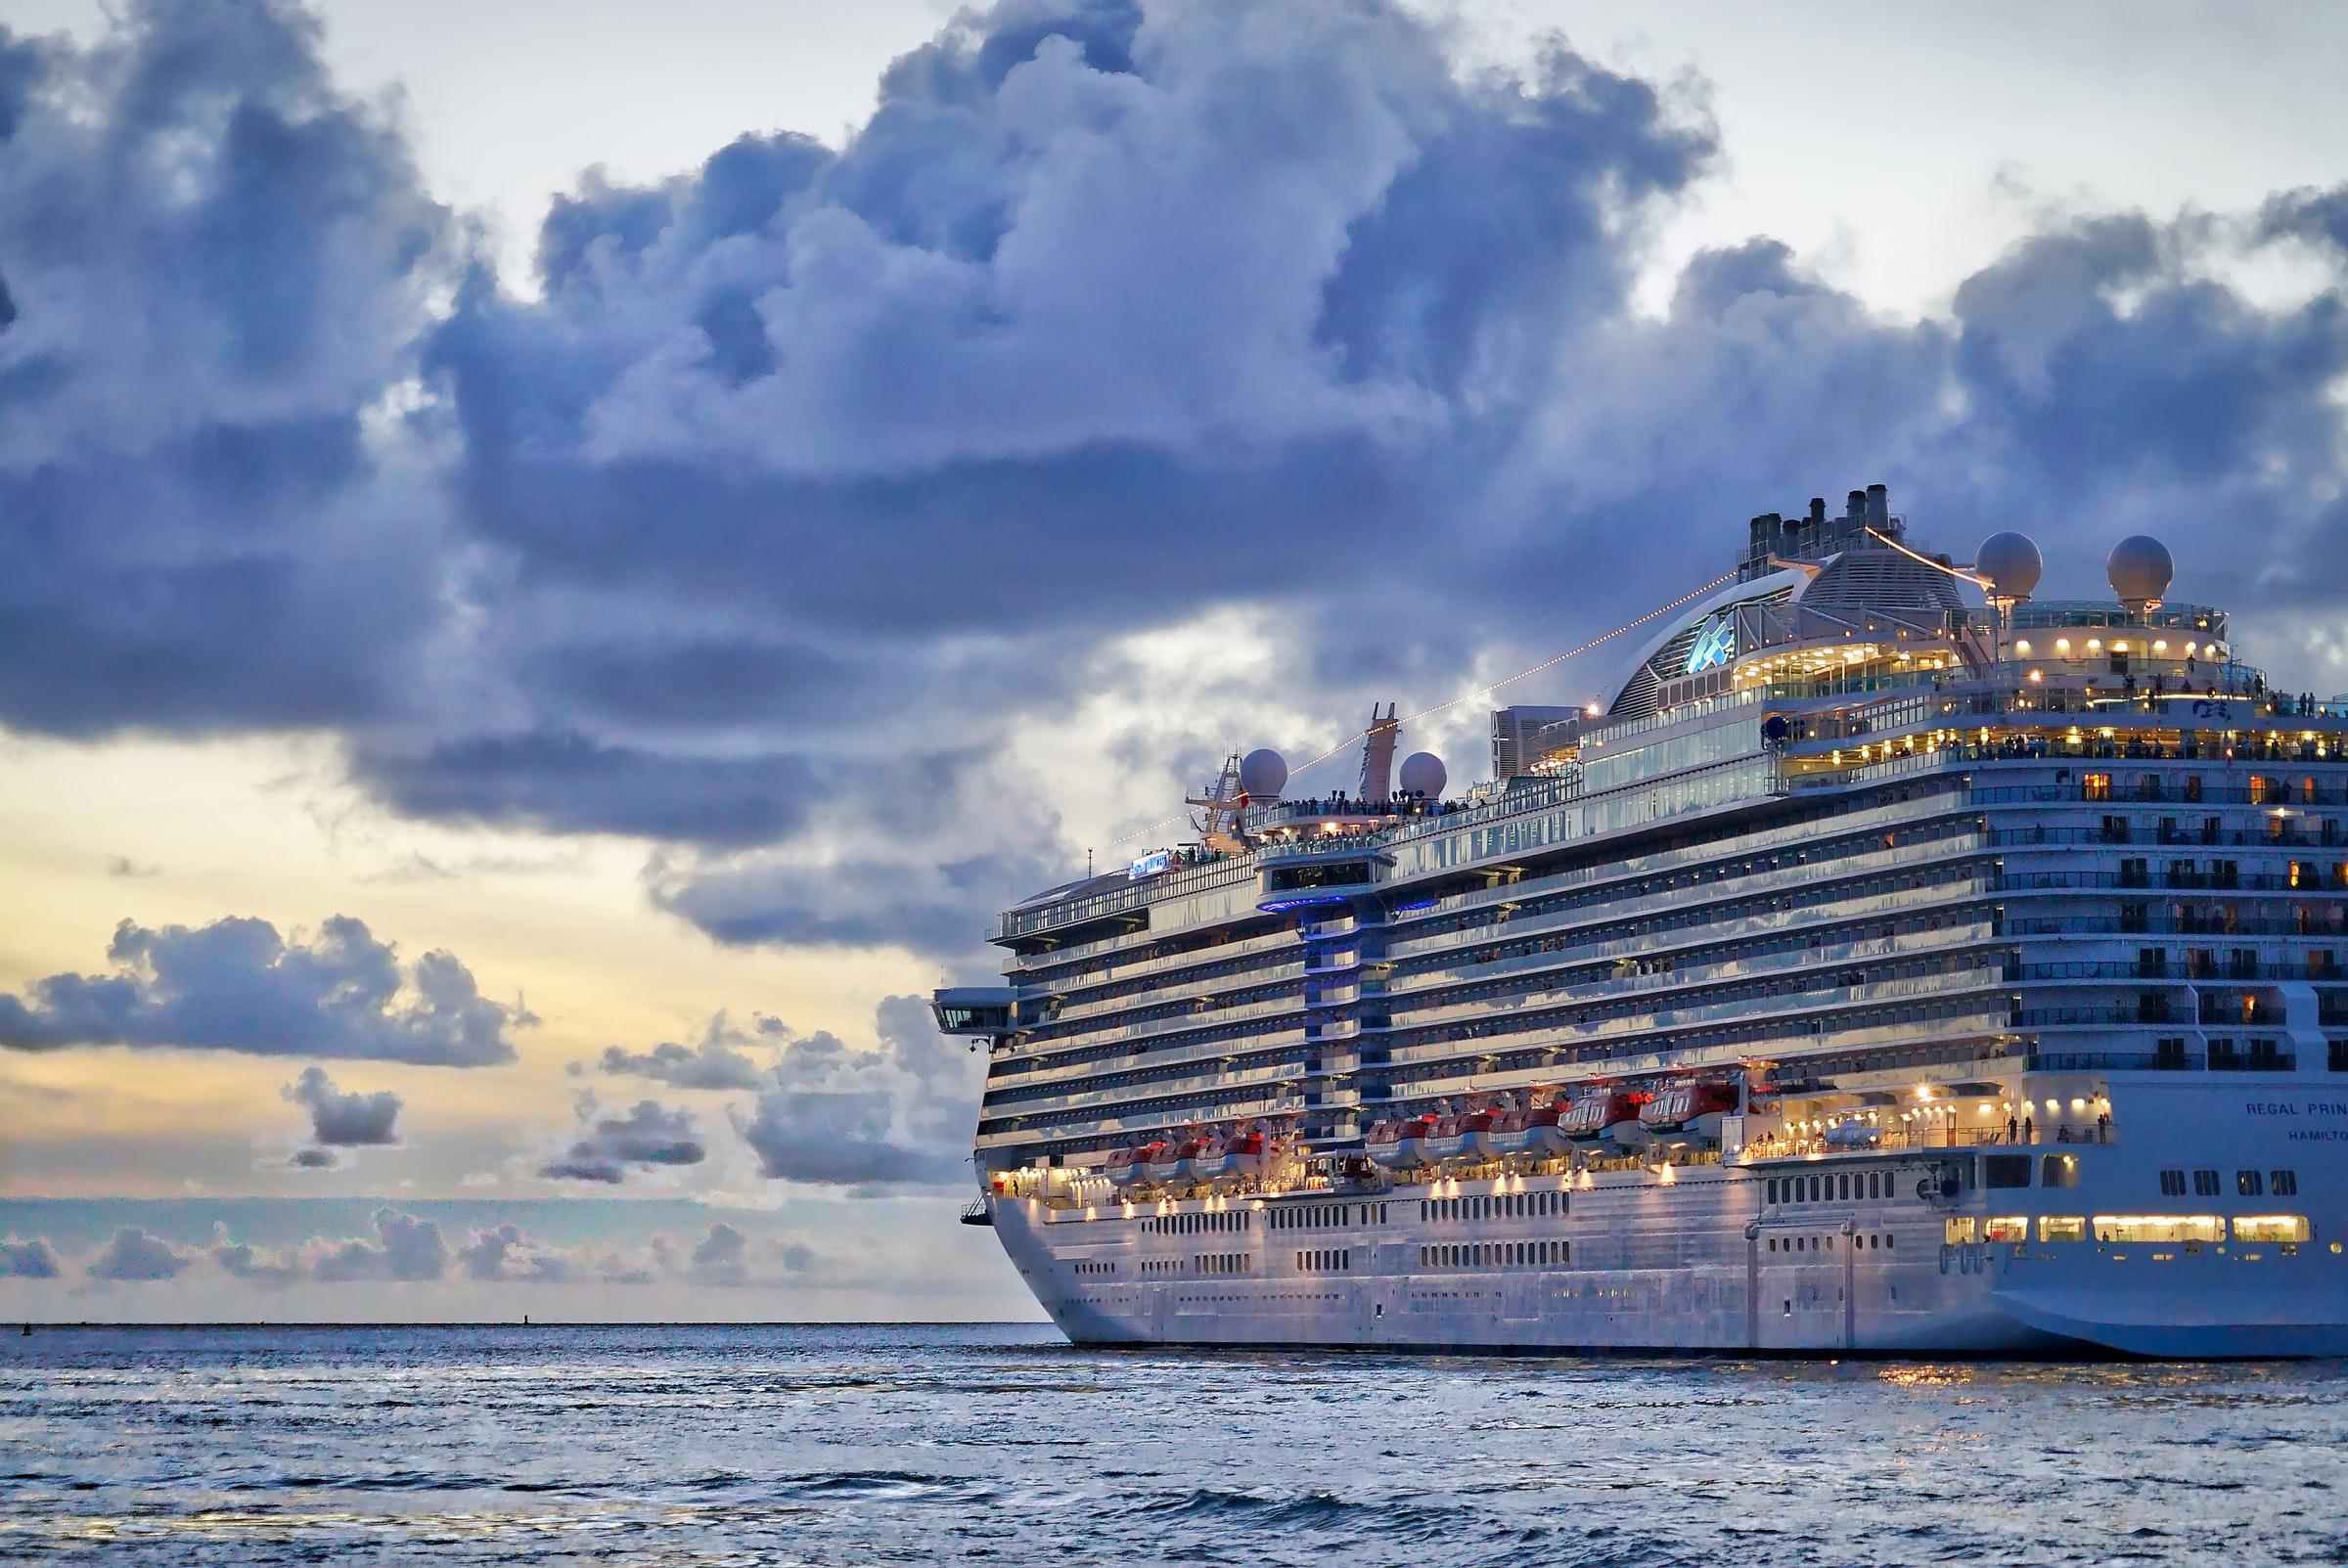 Wereldreis cruise - Kost wat, maar dan heb je ook wat!